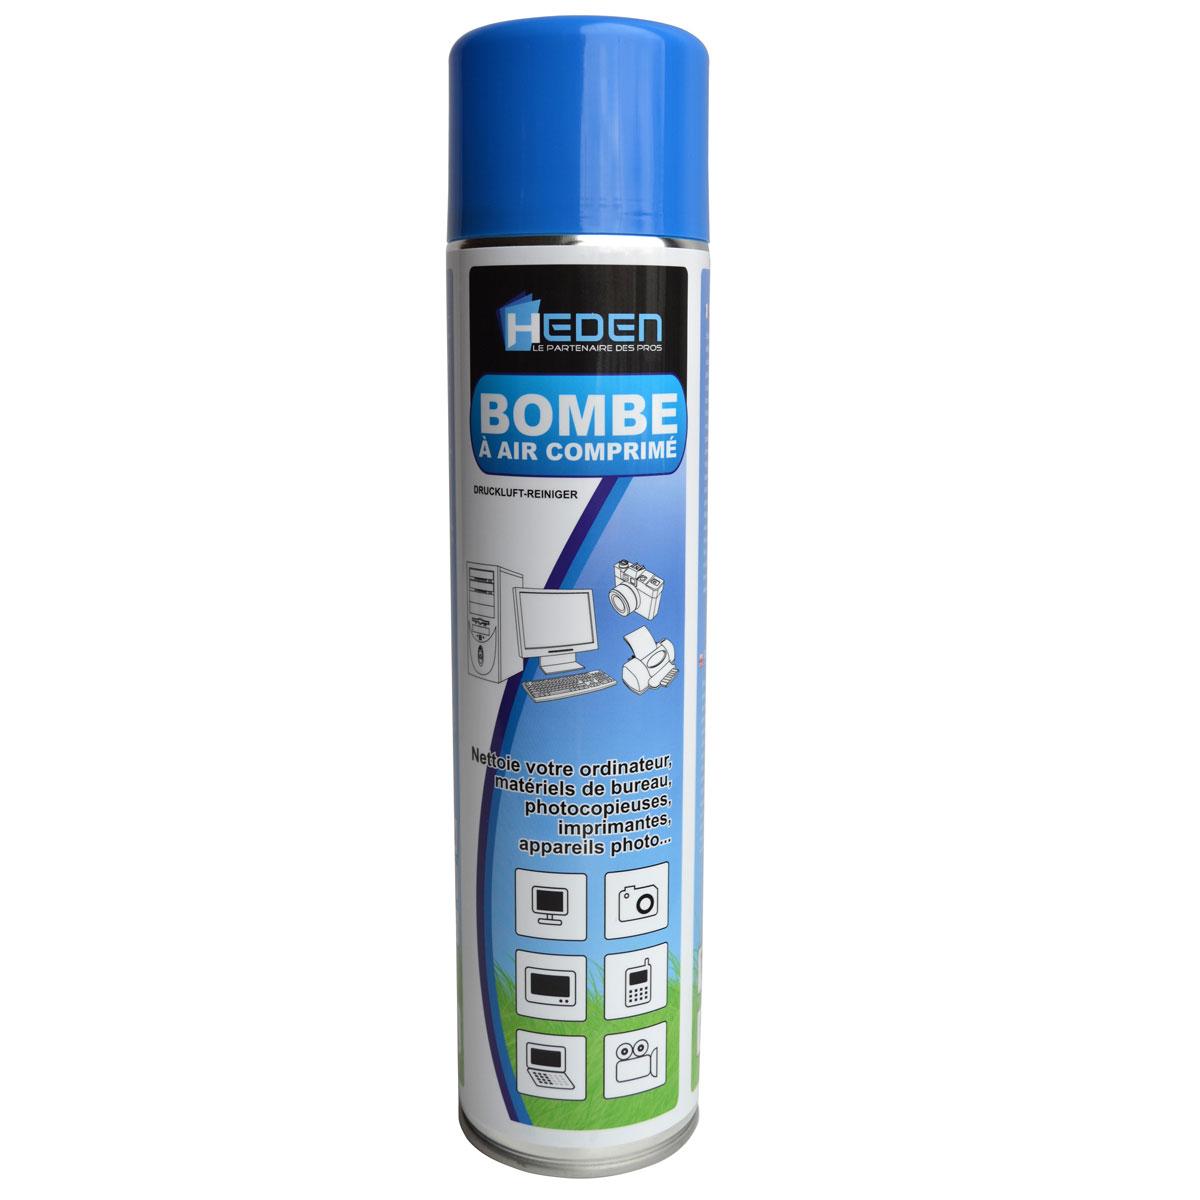 heden bombe air comprim 600 ml a rosol heden sur. Black Bedroom Furniture Sets. Home Design Ideas